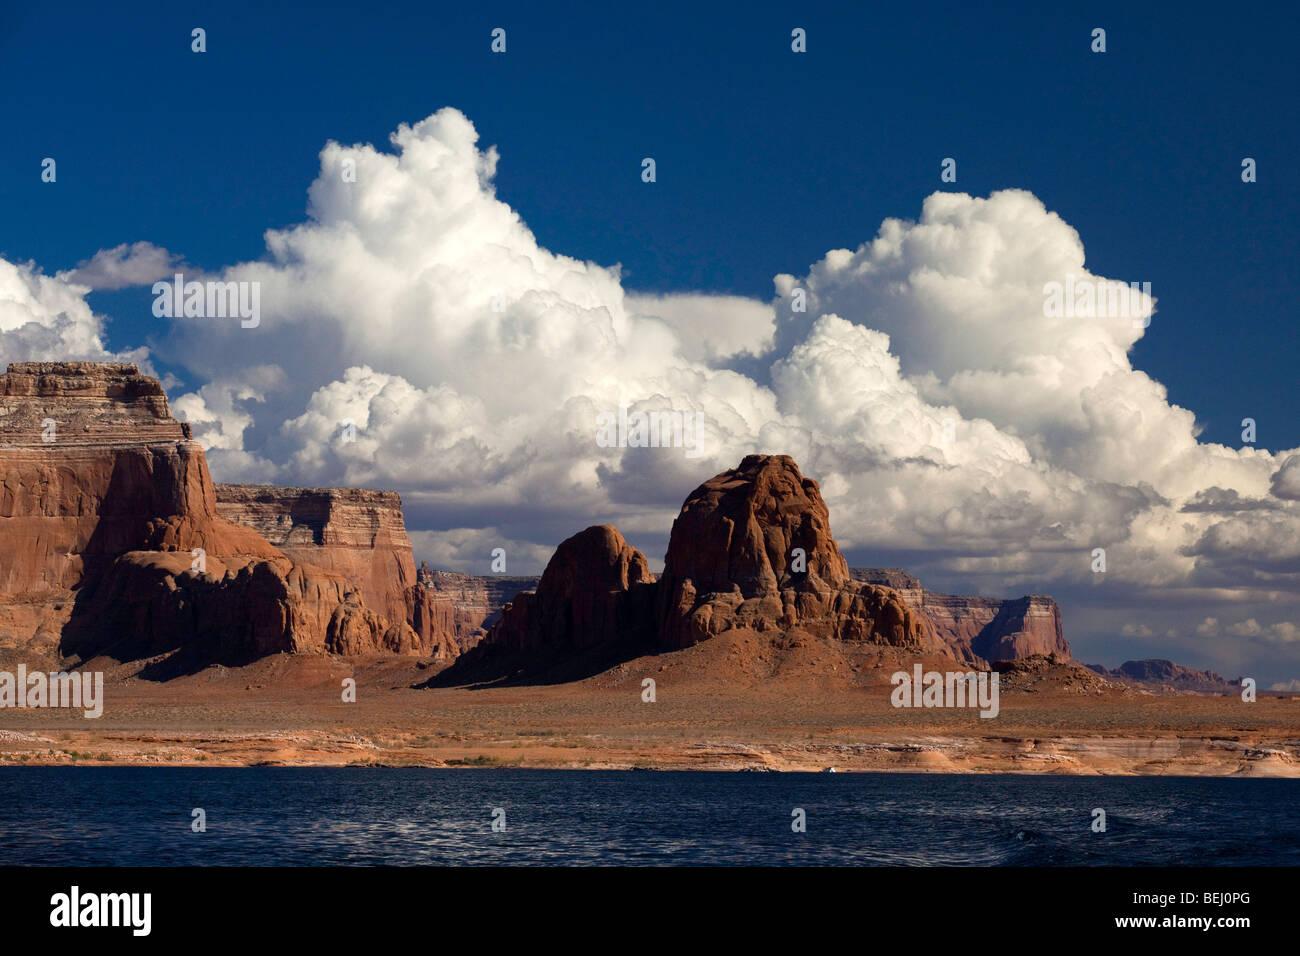 Le Red Rock buttes et nuages sur les rives du lac Powell, Utah Photo Stock